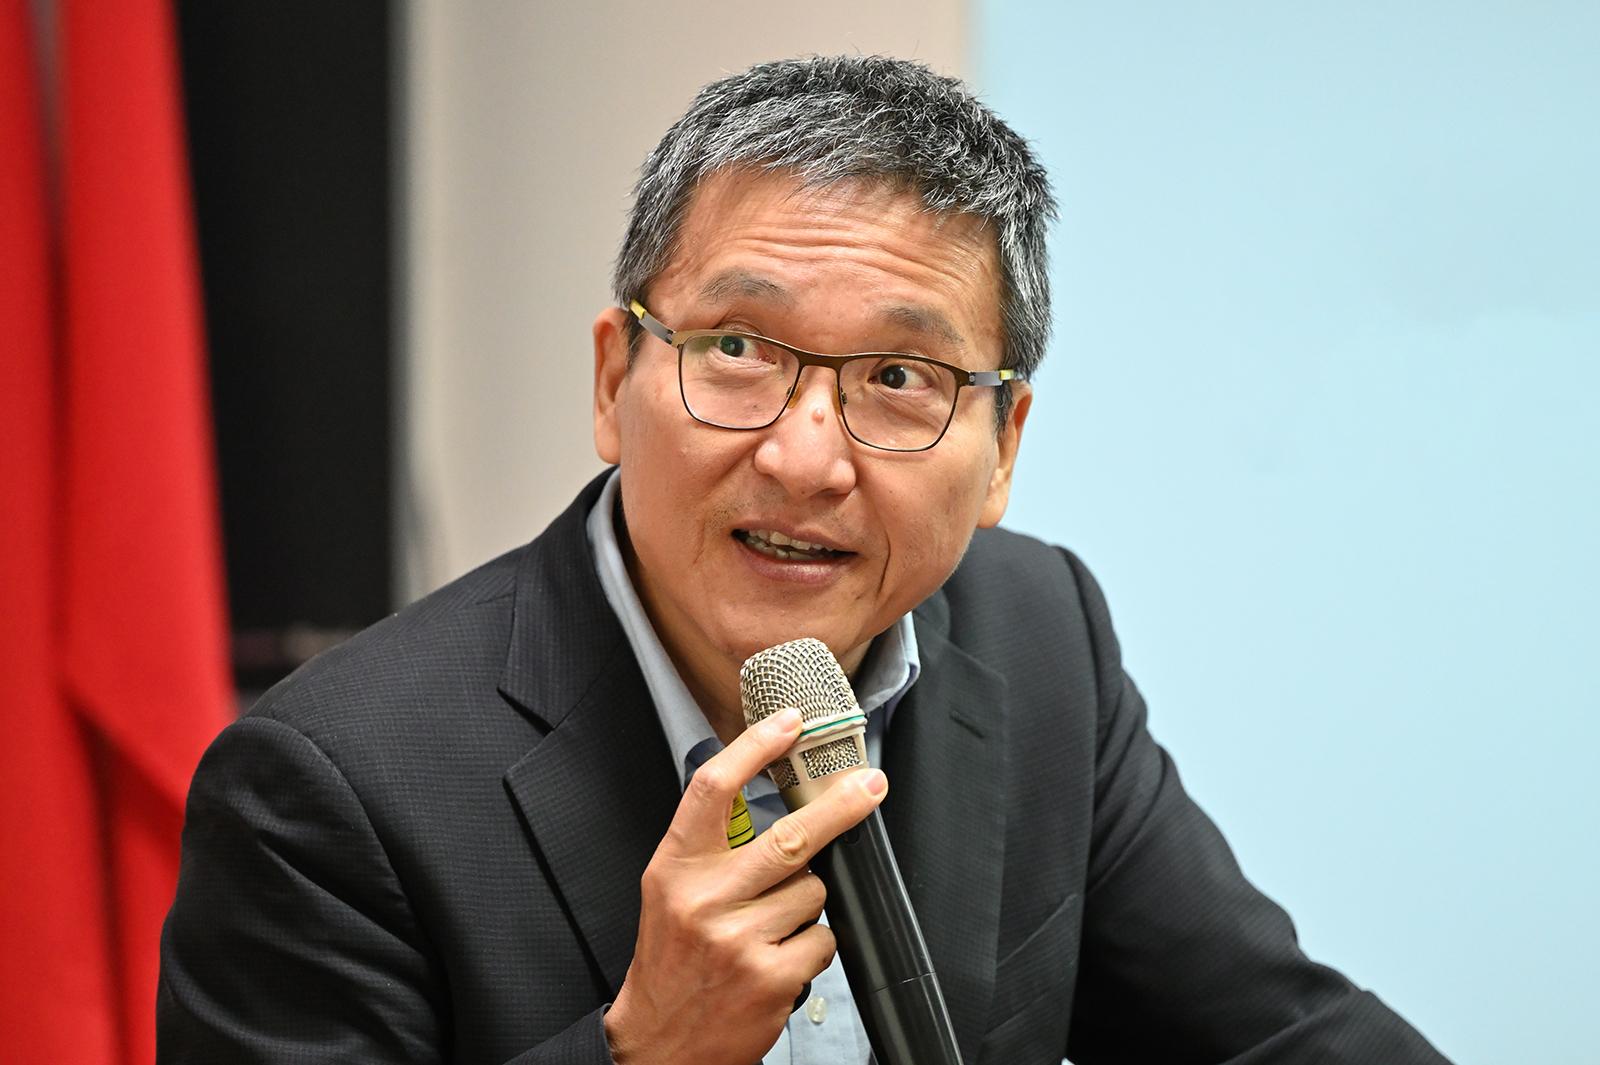 2021年3月8日,淡江大學教授張五岳:北京對台將堅持一中反獨、一中促融、一中促統三原則。(鍾廣政 攝)